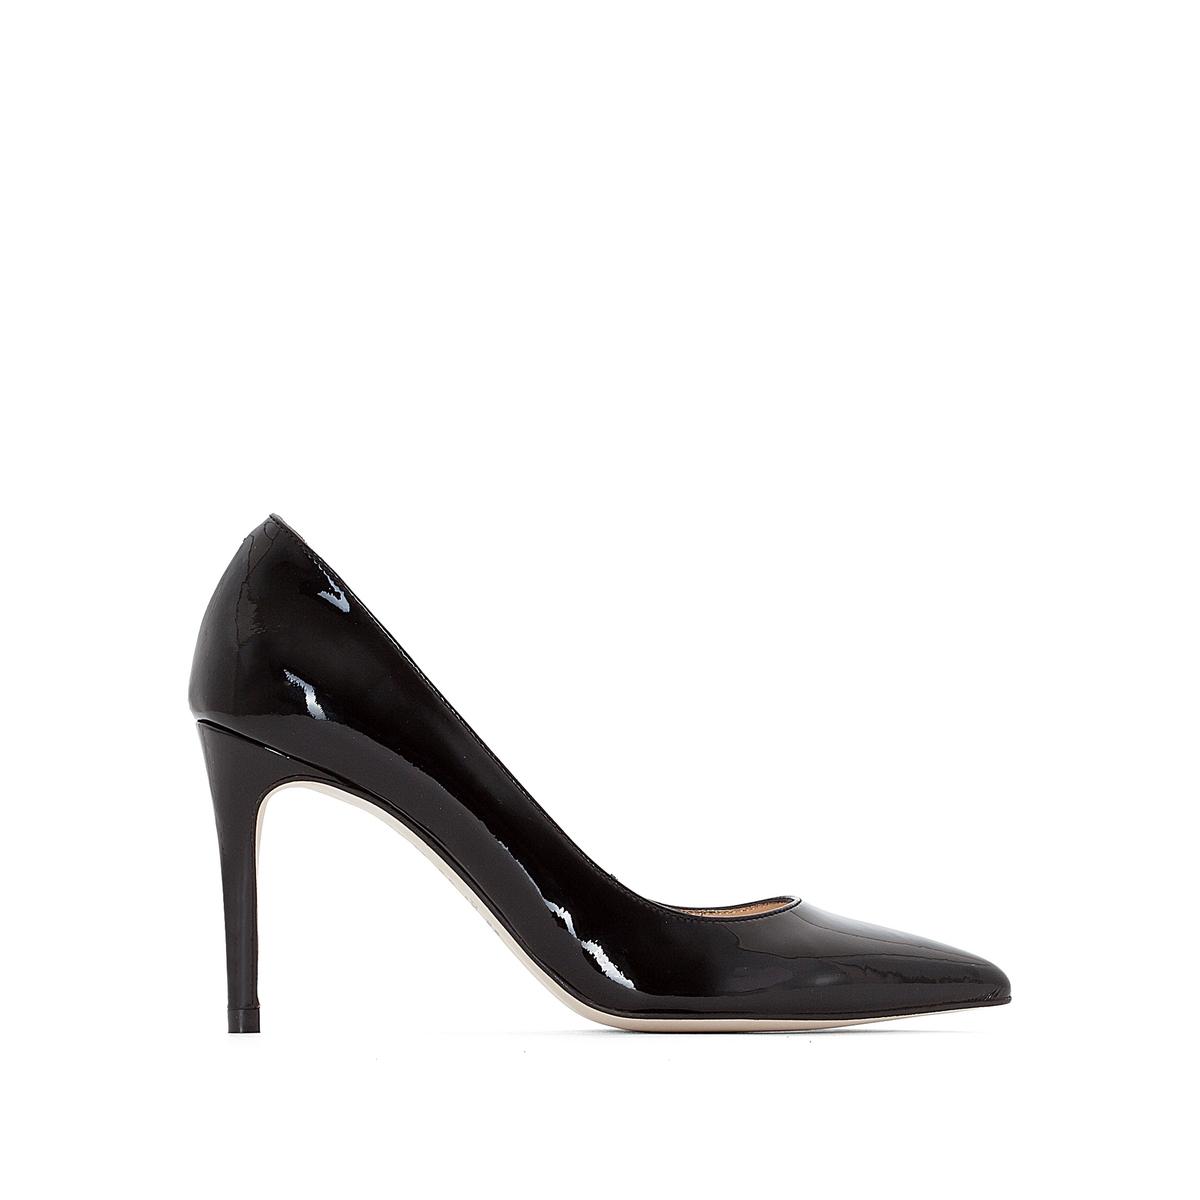 Туфли кожаные лакированные AlaricВерх : Кожа.   Подкладка : Кожа.   Стелька : Кожа.   Подошва : эластомер   Высота каблука : 8 см   Форма каблука : шпилька   Мысок : заостренный мысок     Застежка : без застежки<br><br>Цвет: красный лак,Черный лак